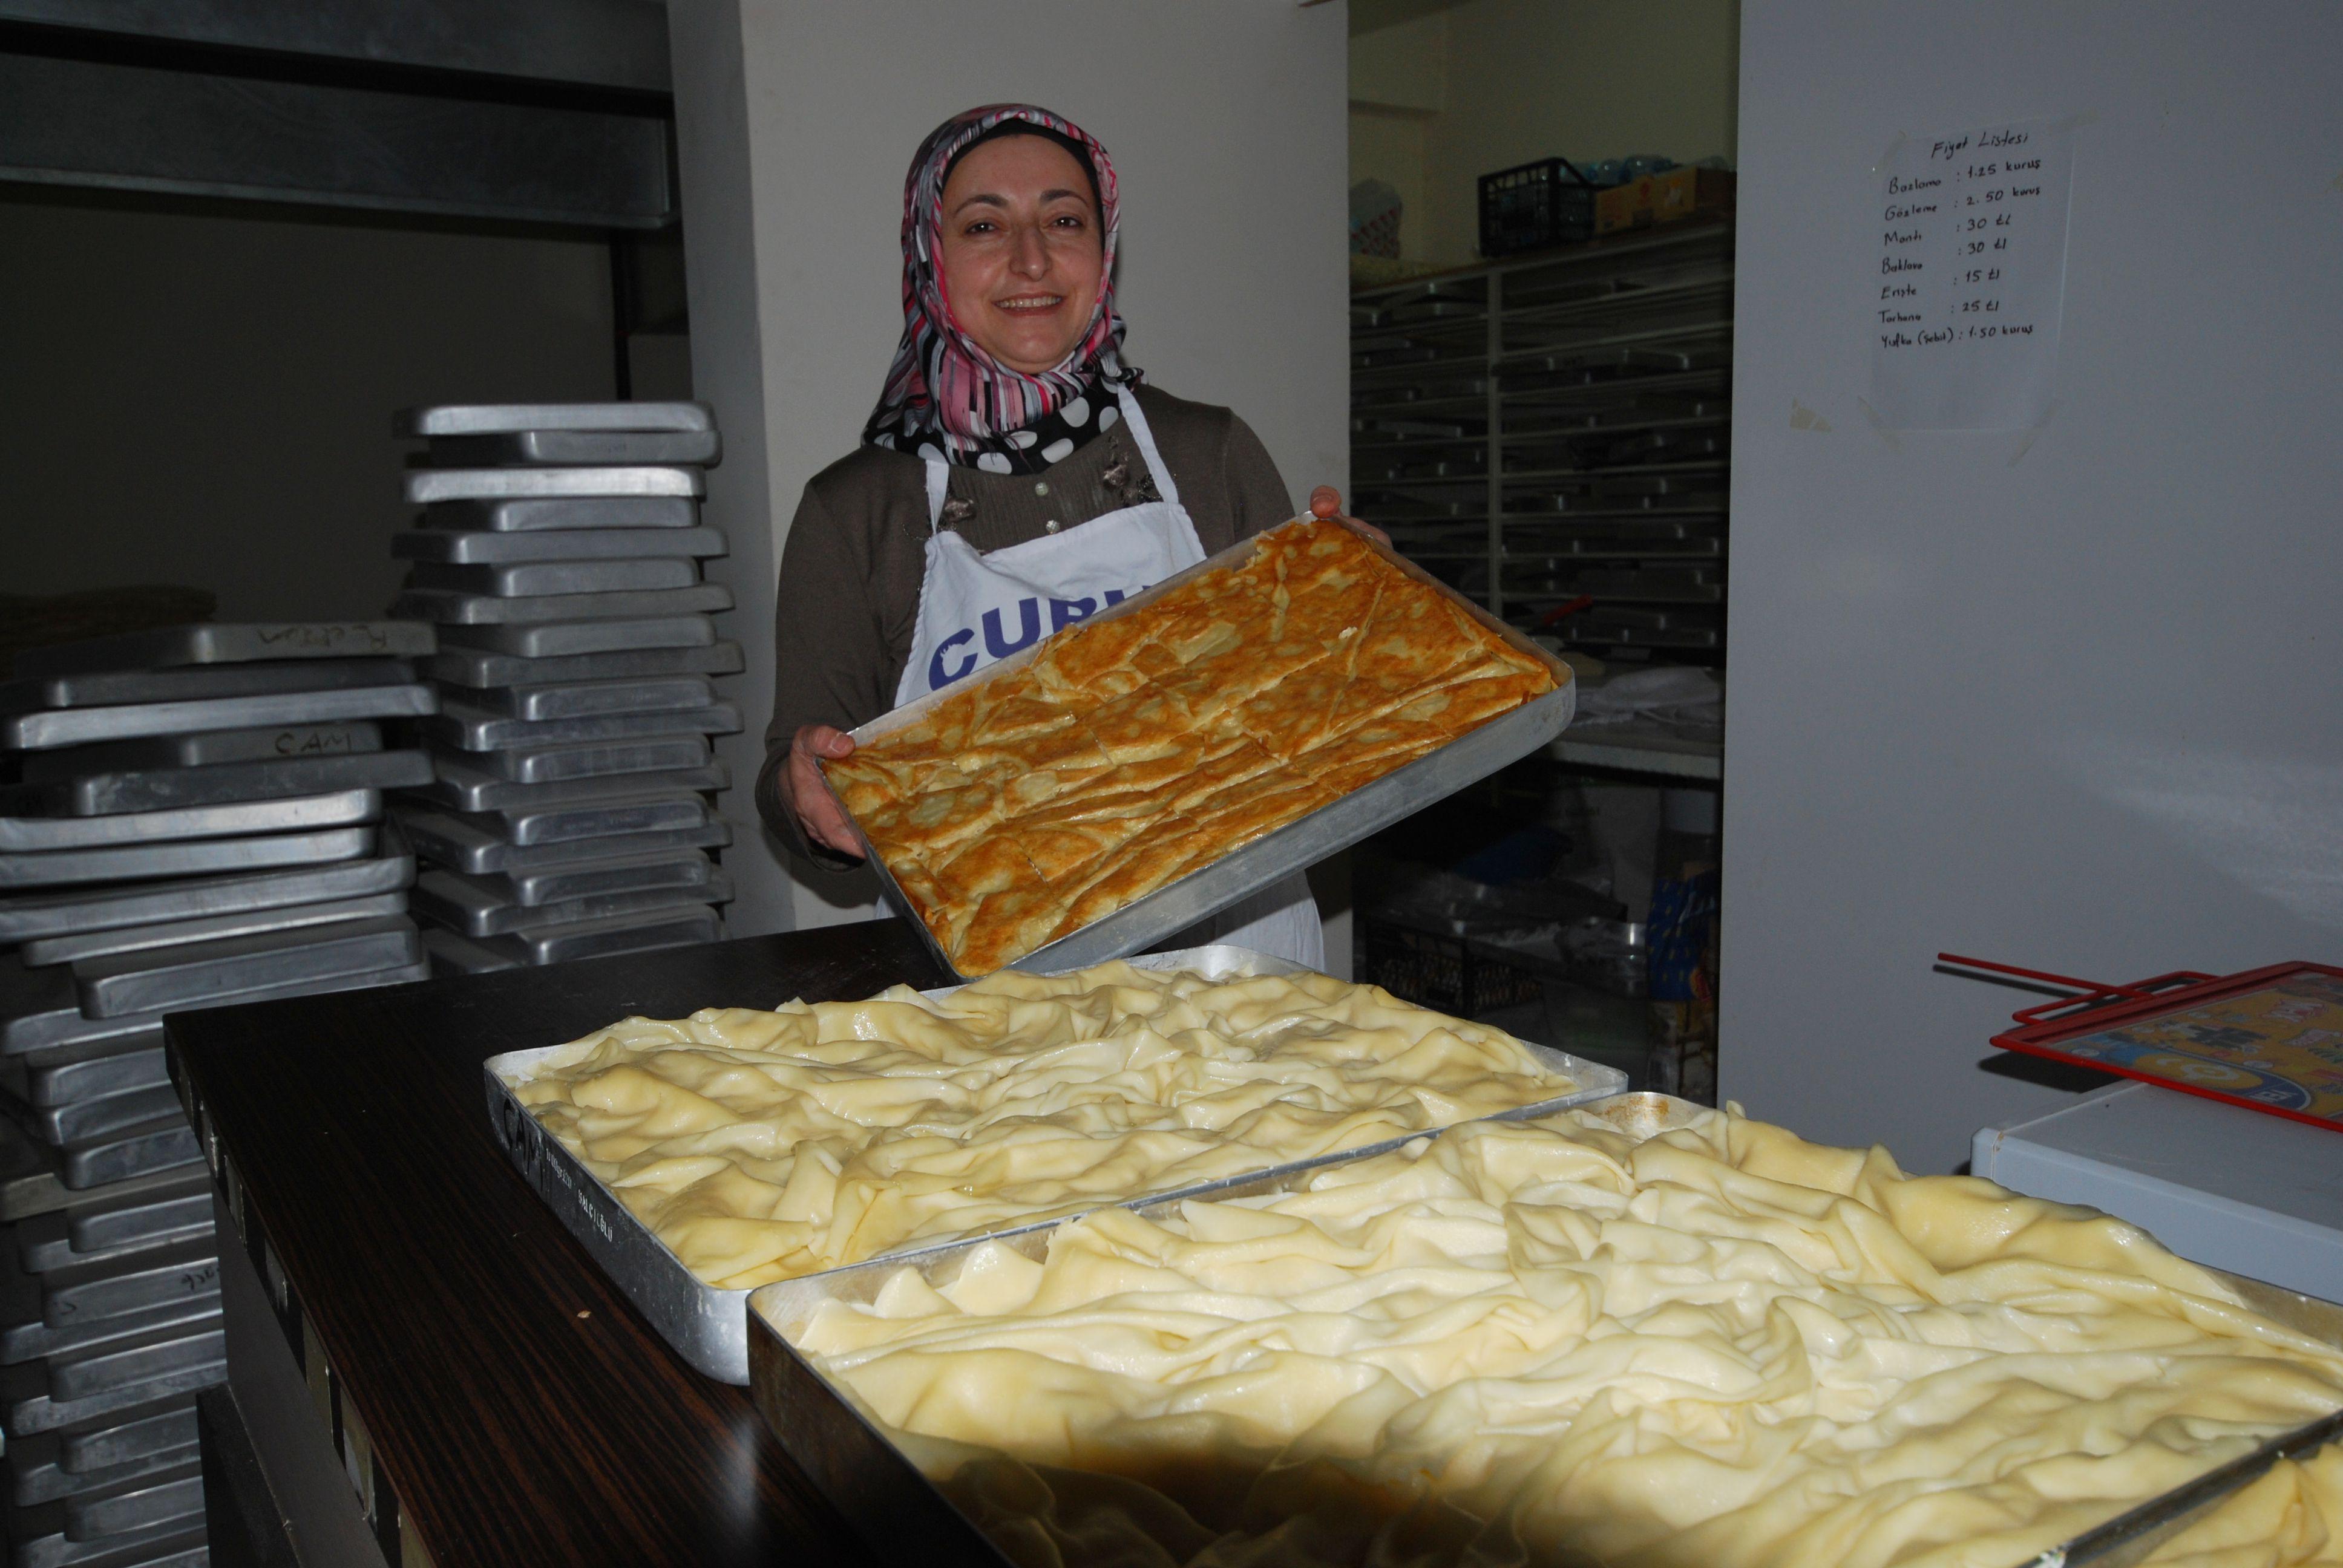 Ünlü Baklavacı Çubuk Baklavacısı Pakize Çam tatlı siparişleri alınmaya başladı